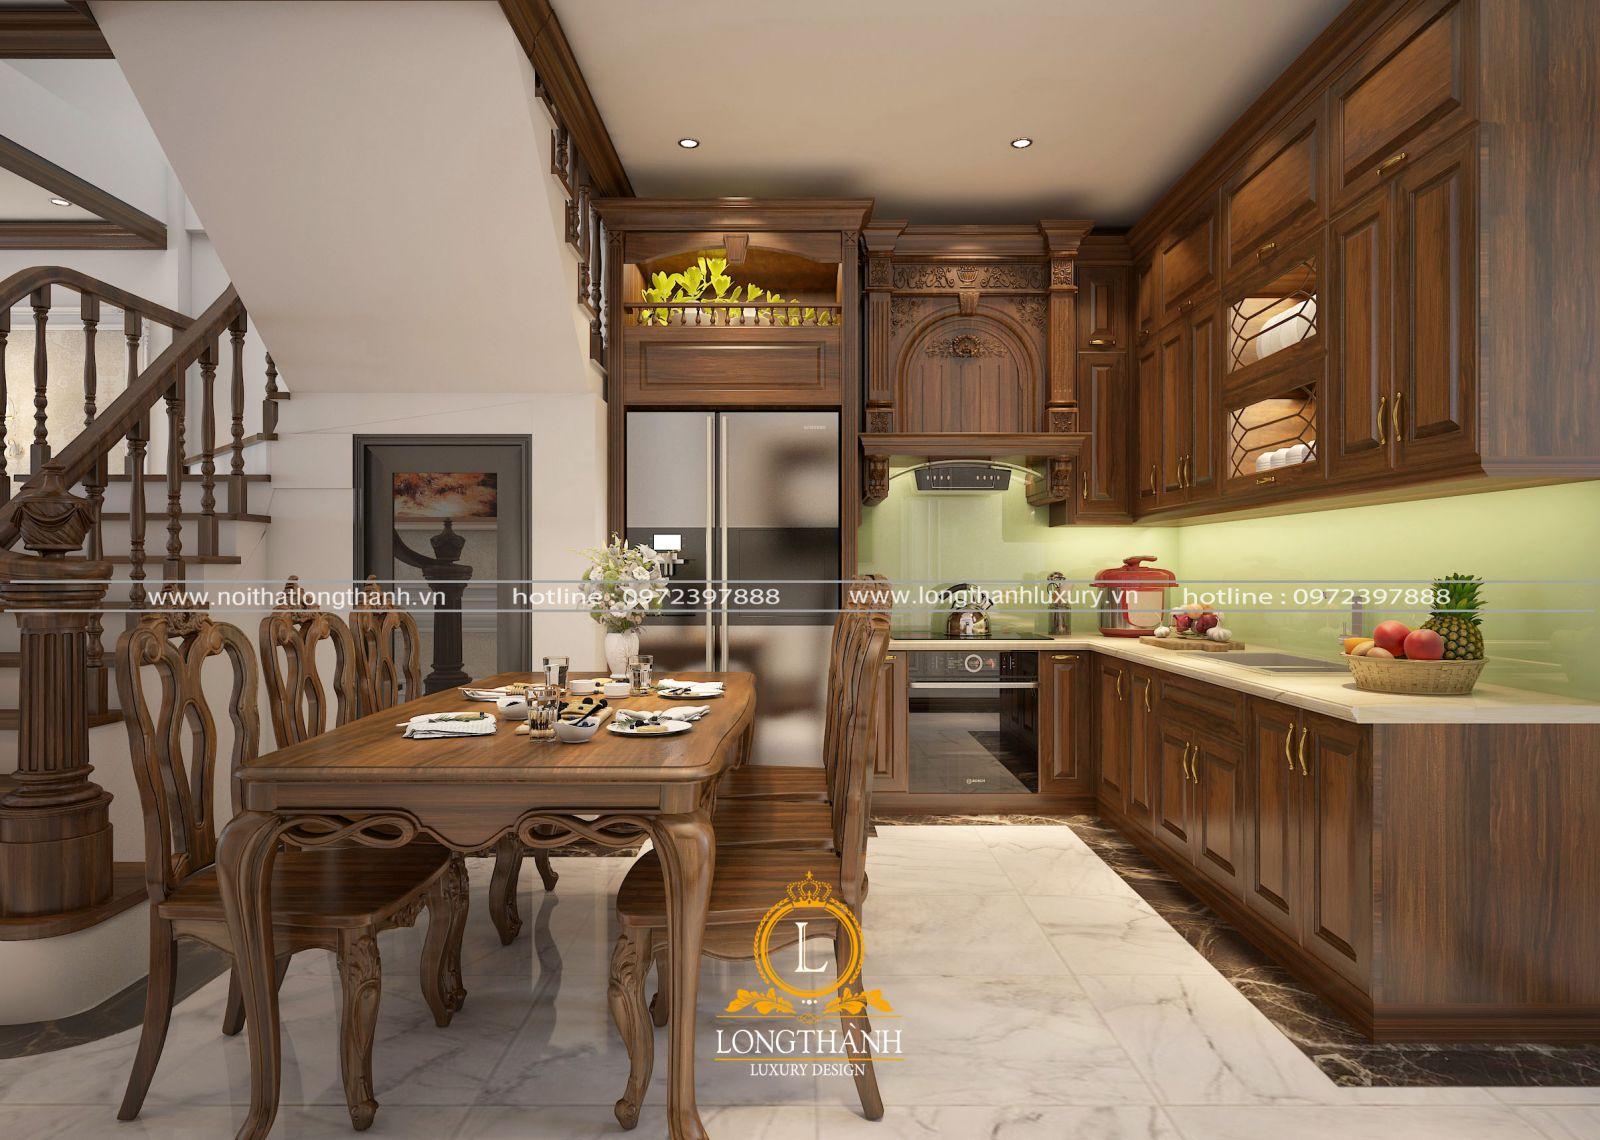 tủ bếp gỗ tự nhiên sơn PU LT41 góc nhìn số 2